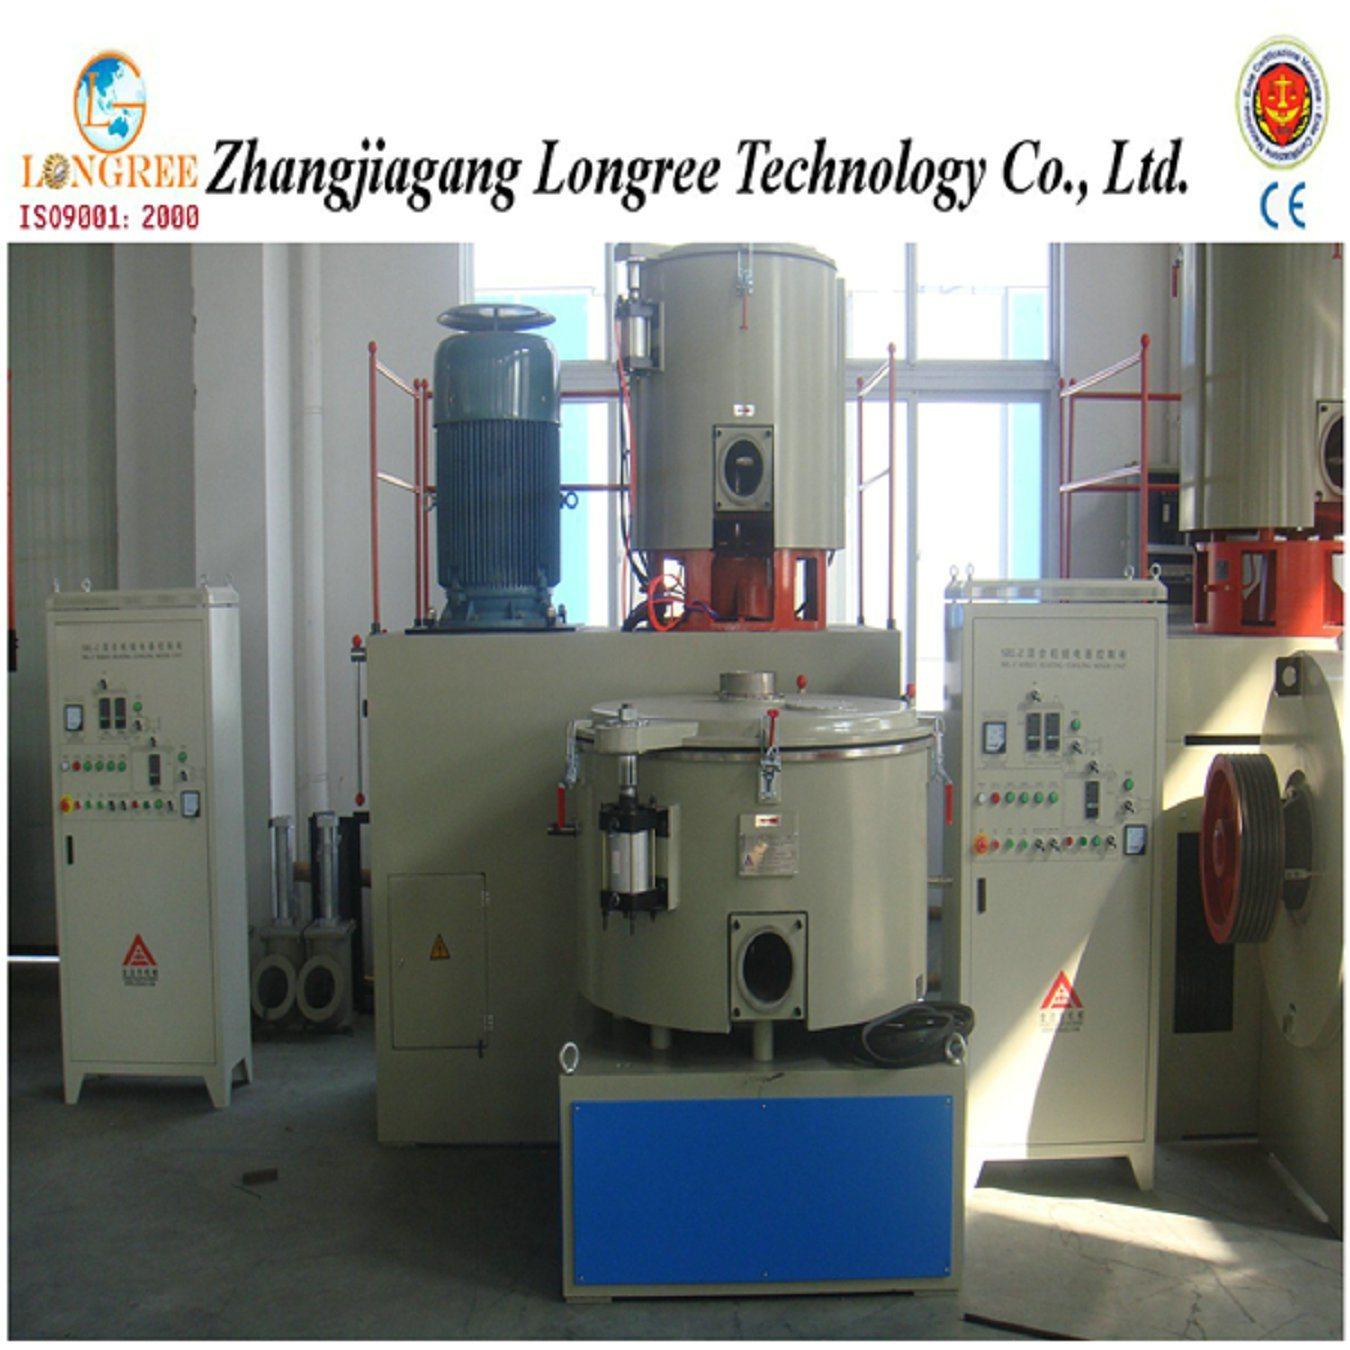 Plastic Mixing Equipment PVC Powder&Pellets Turbo Mixer, Plastic High Speed Mixer Unit Cooling and Hot Mixer